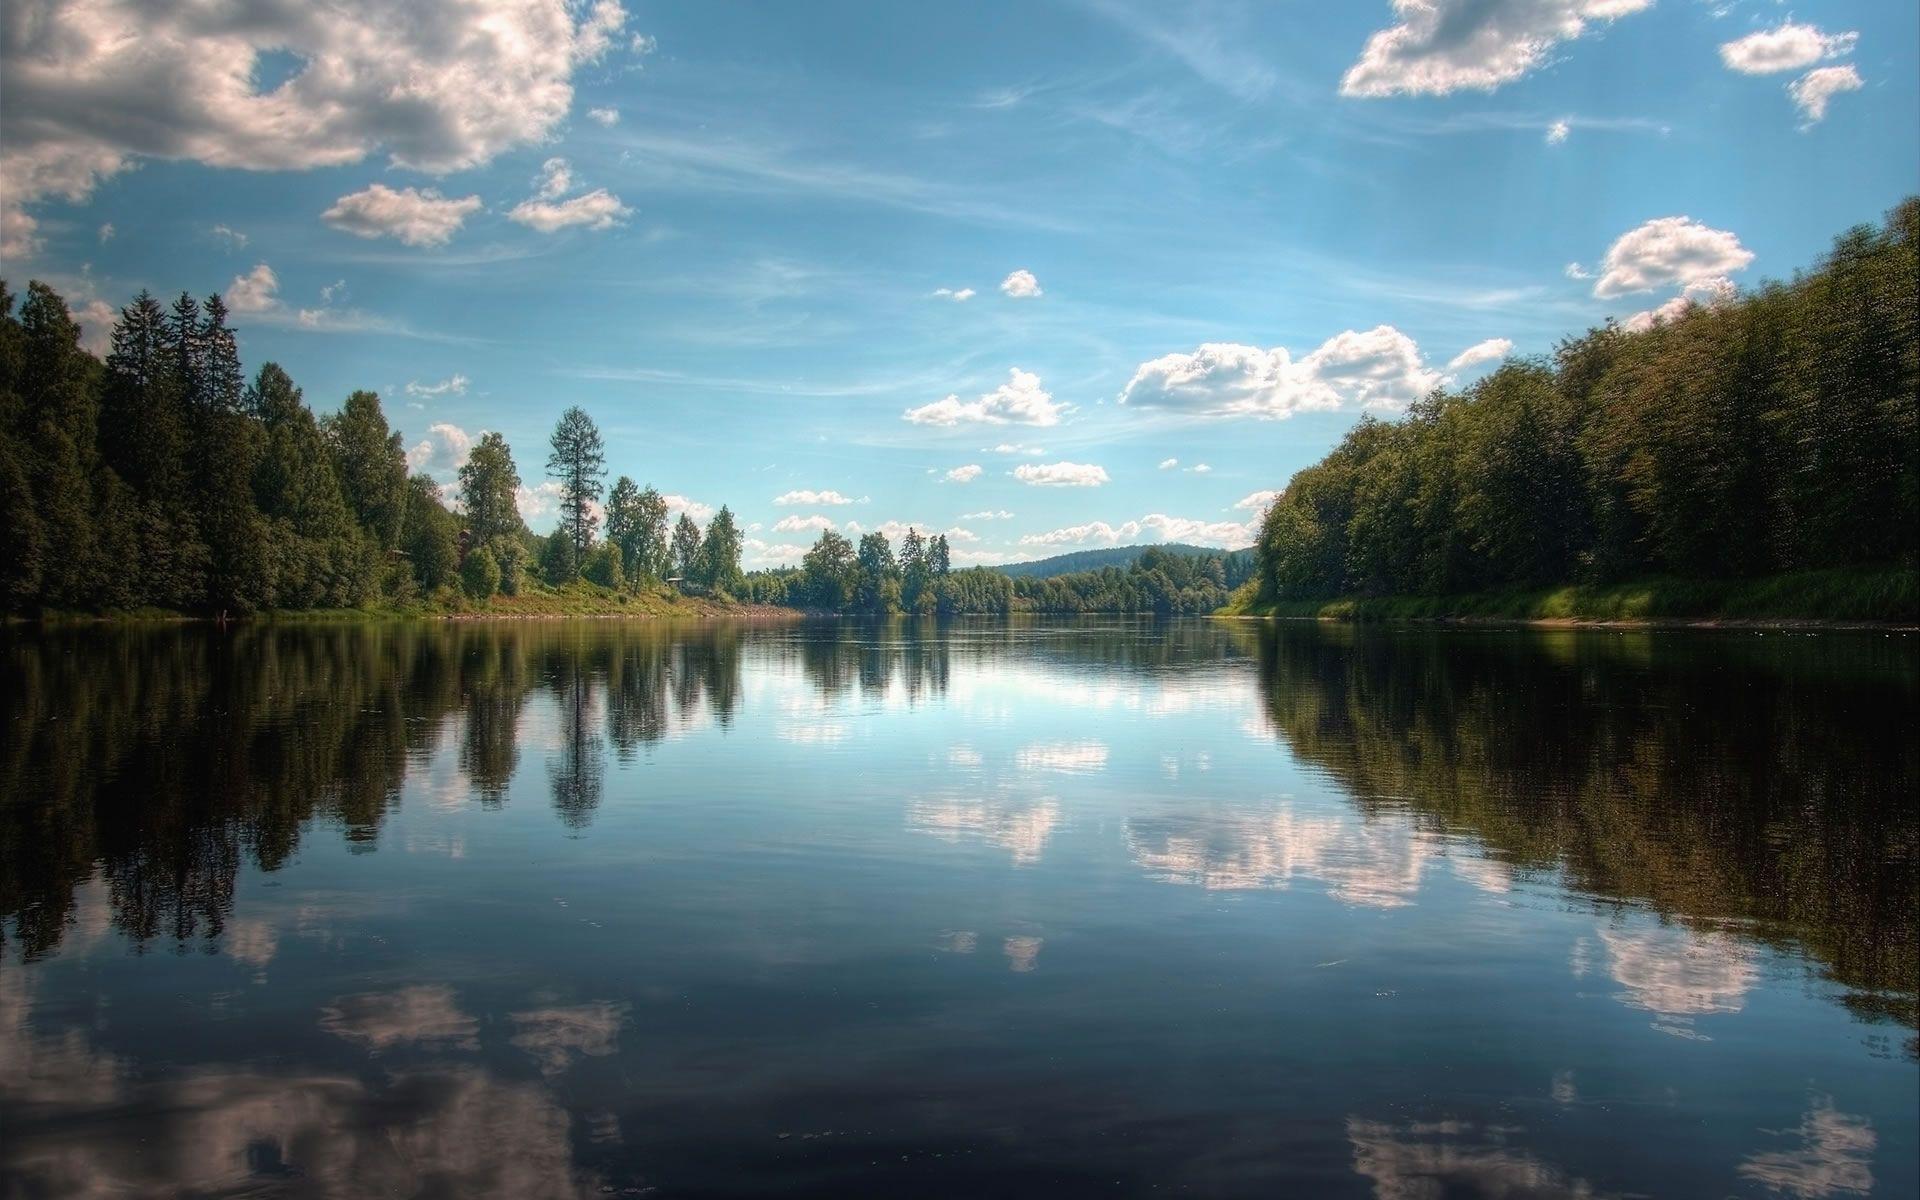 River in Forest Wallpaper - WallpaperSafari